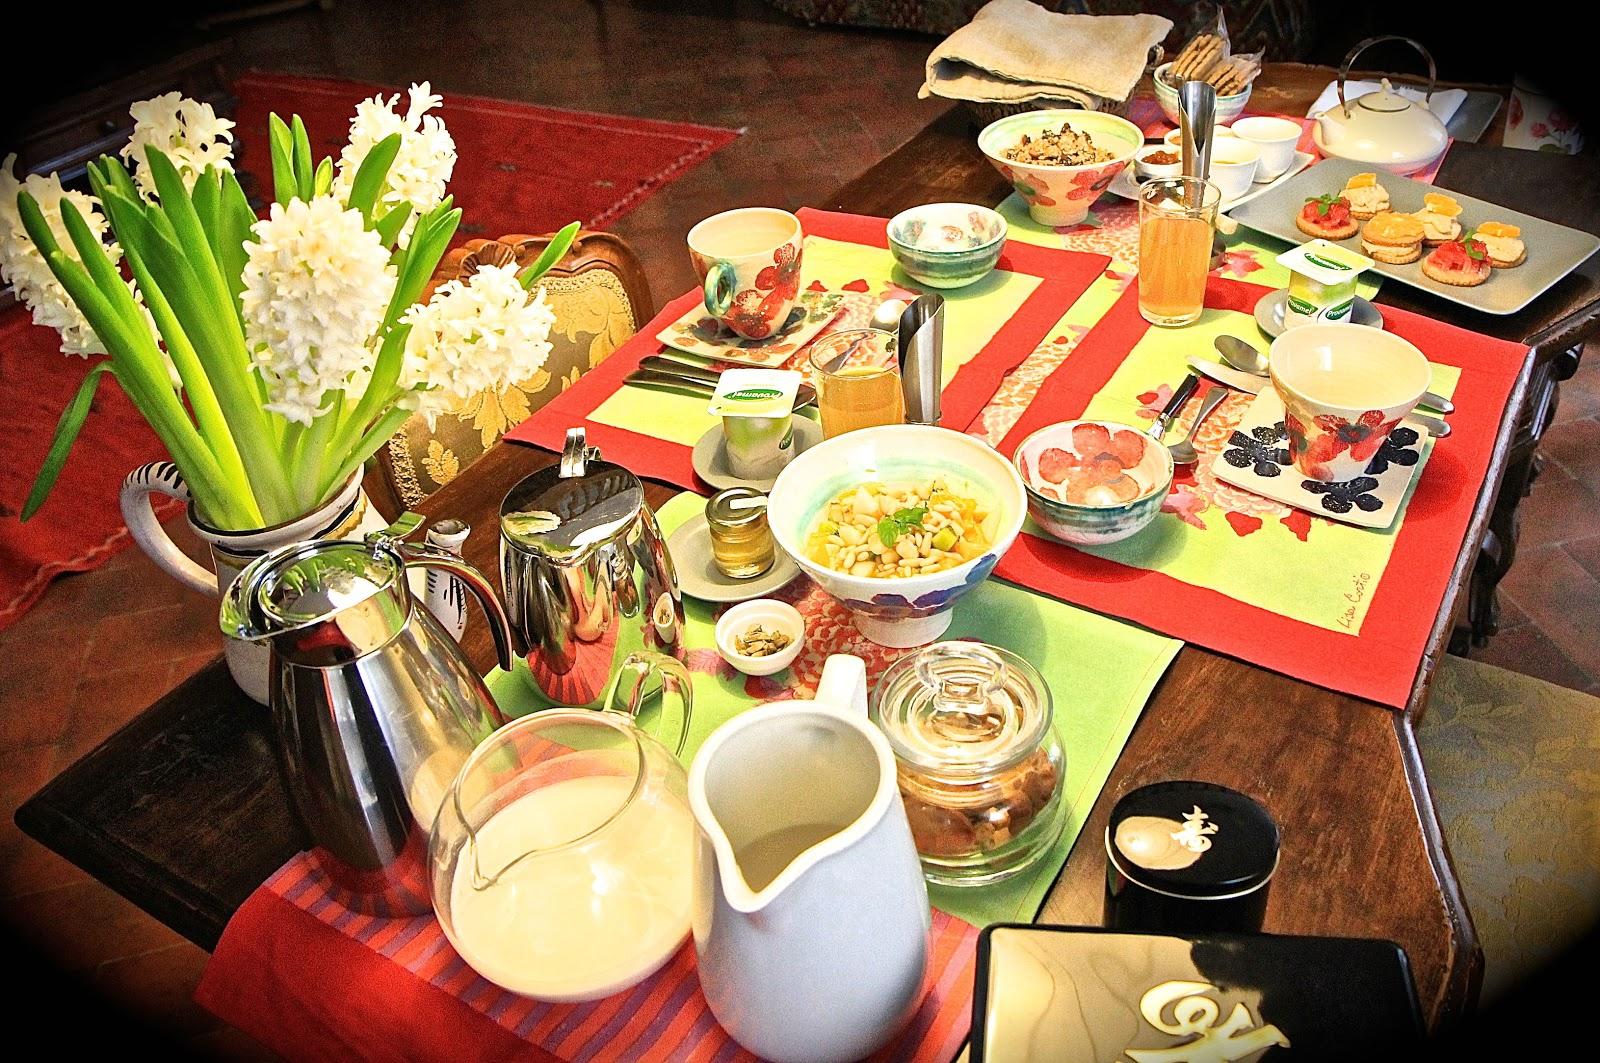 Colazione e torte buongiorno con allegria nutrizia for Buongiorno con colazione